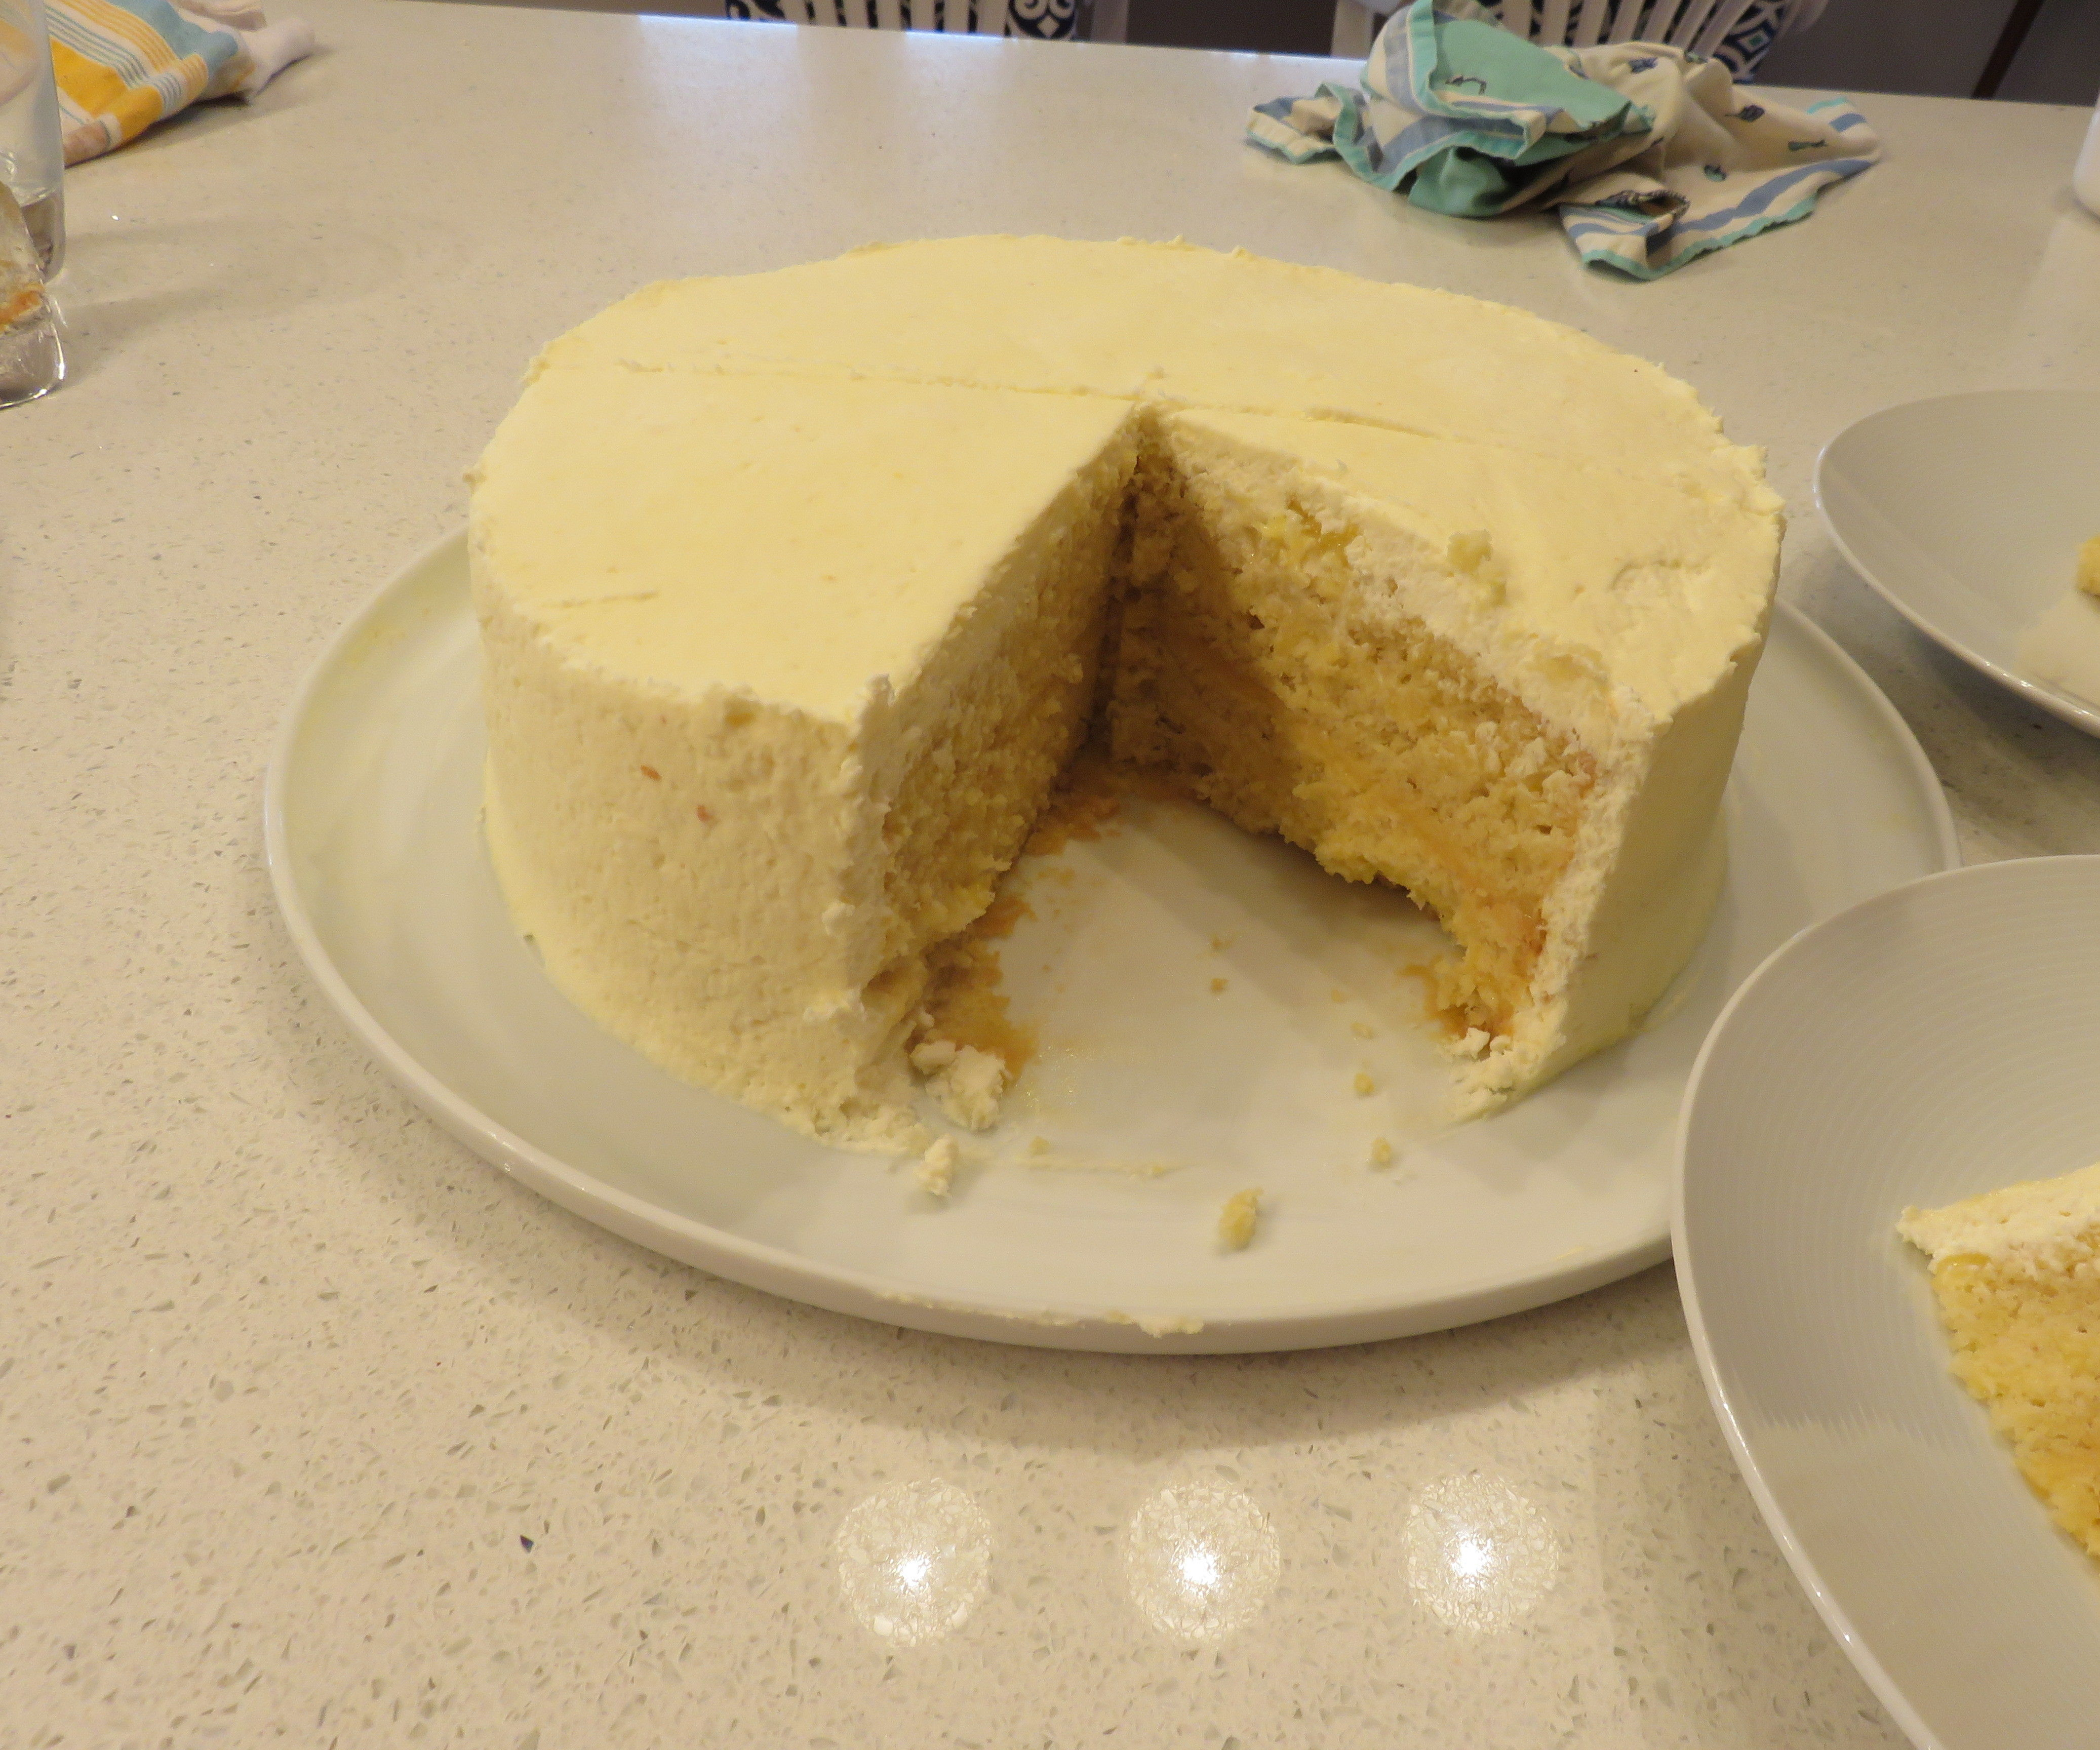 European Style Flourless Lemon-White Chocolate Cake